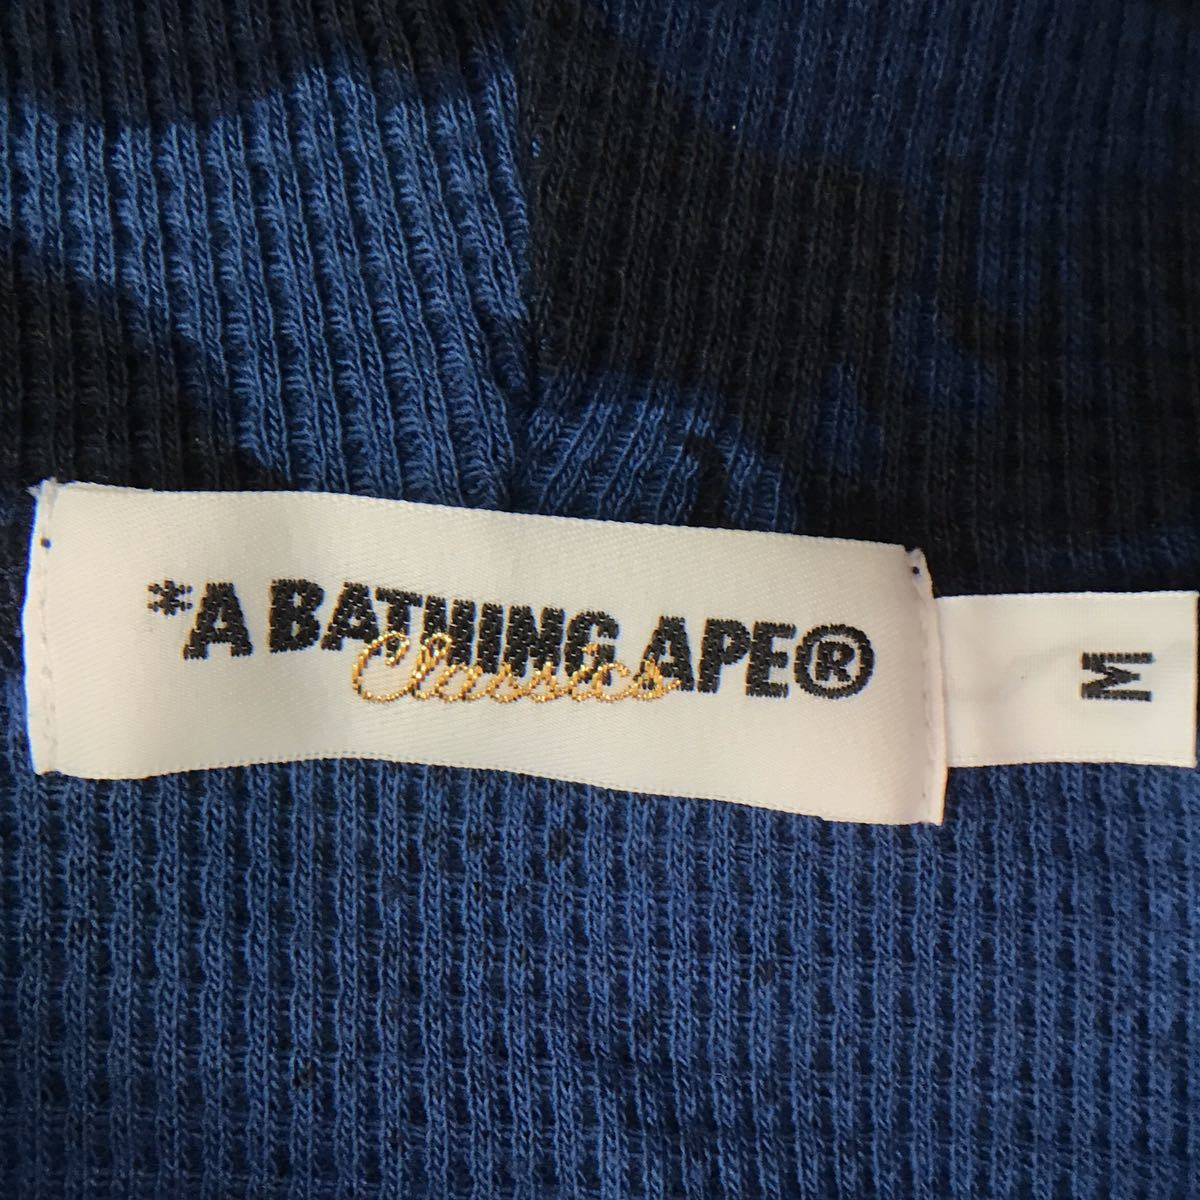 ★激レア★ Fire camo パーカー Mサイズ a bathing ape bape hoodie エイプ ベイプ アベイシングエイプ ファイヤーカモ blue ブルー 迷彩_画像5